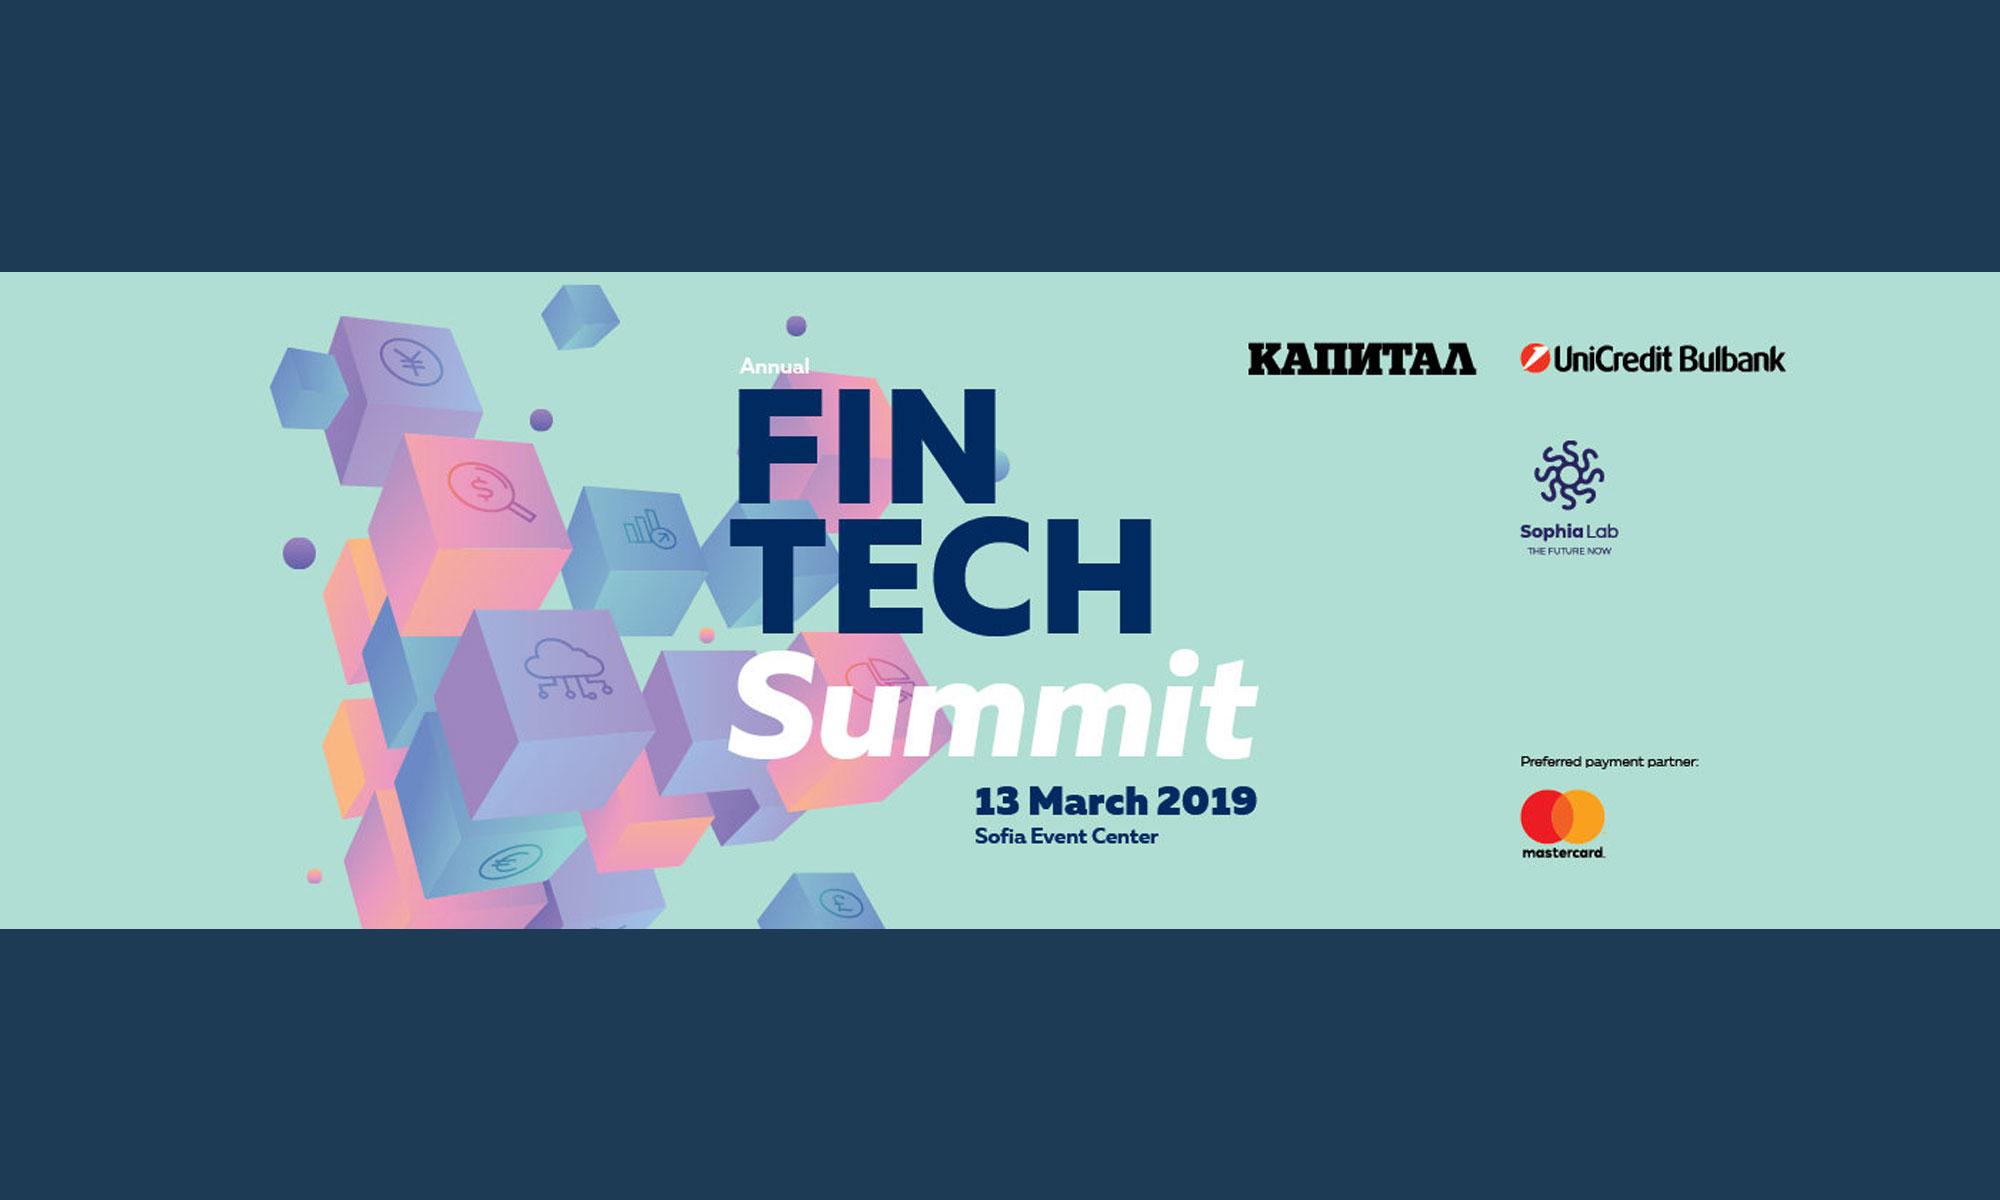 Fintech Summit 2019